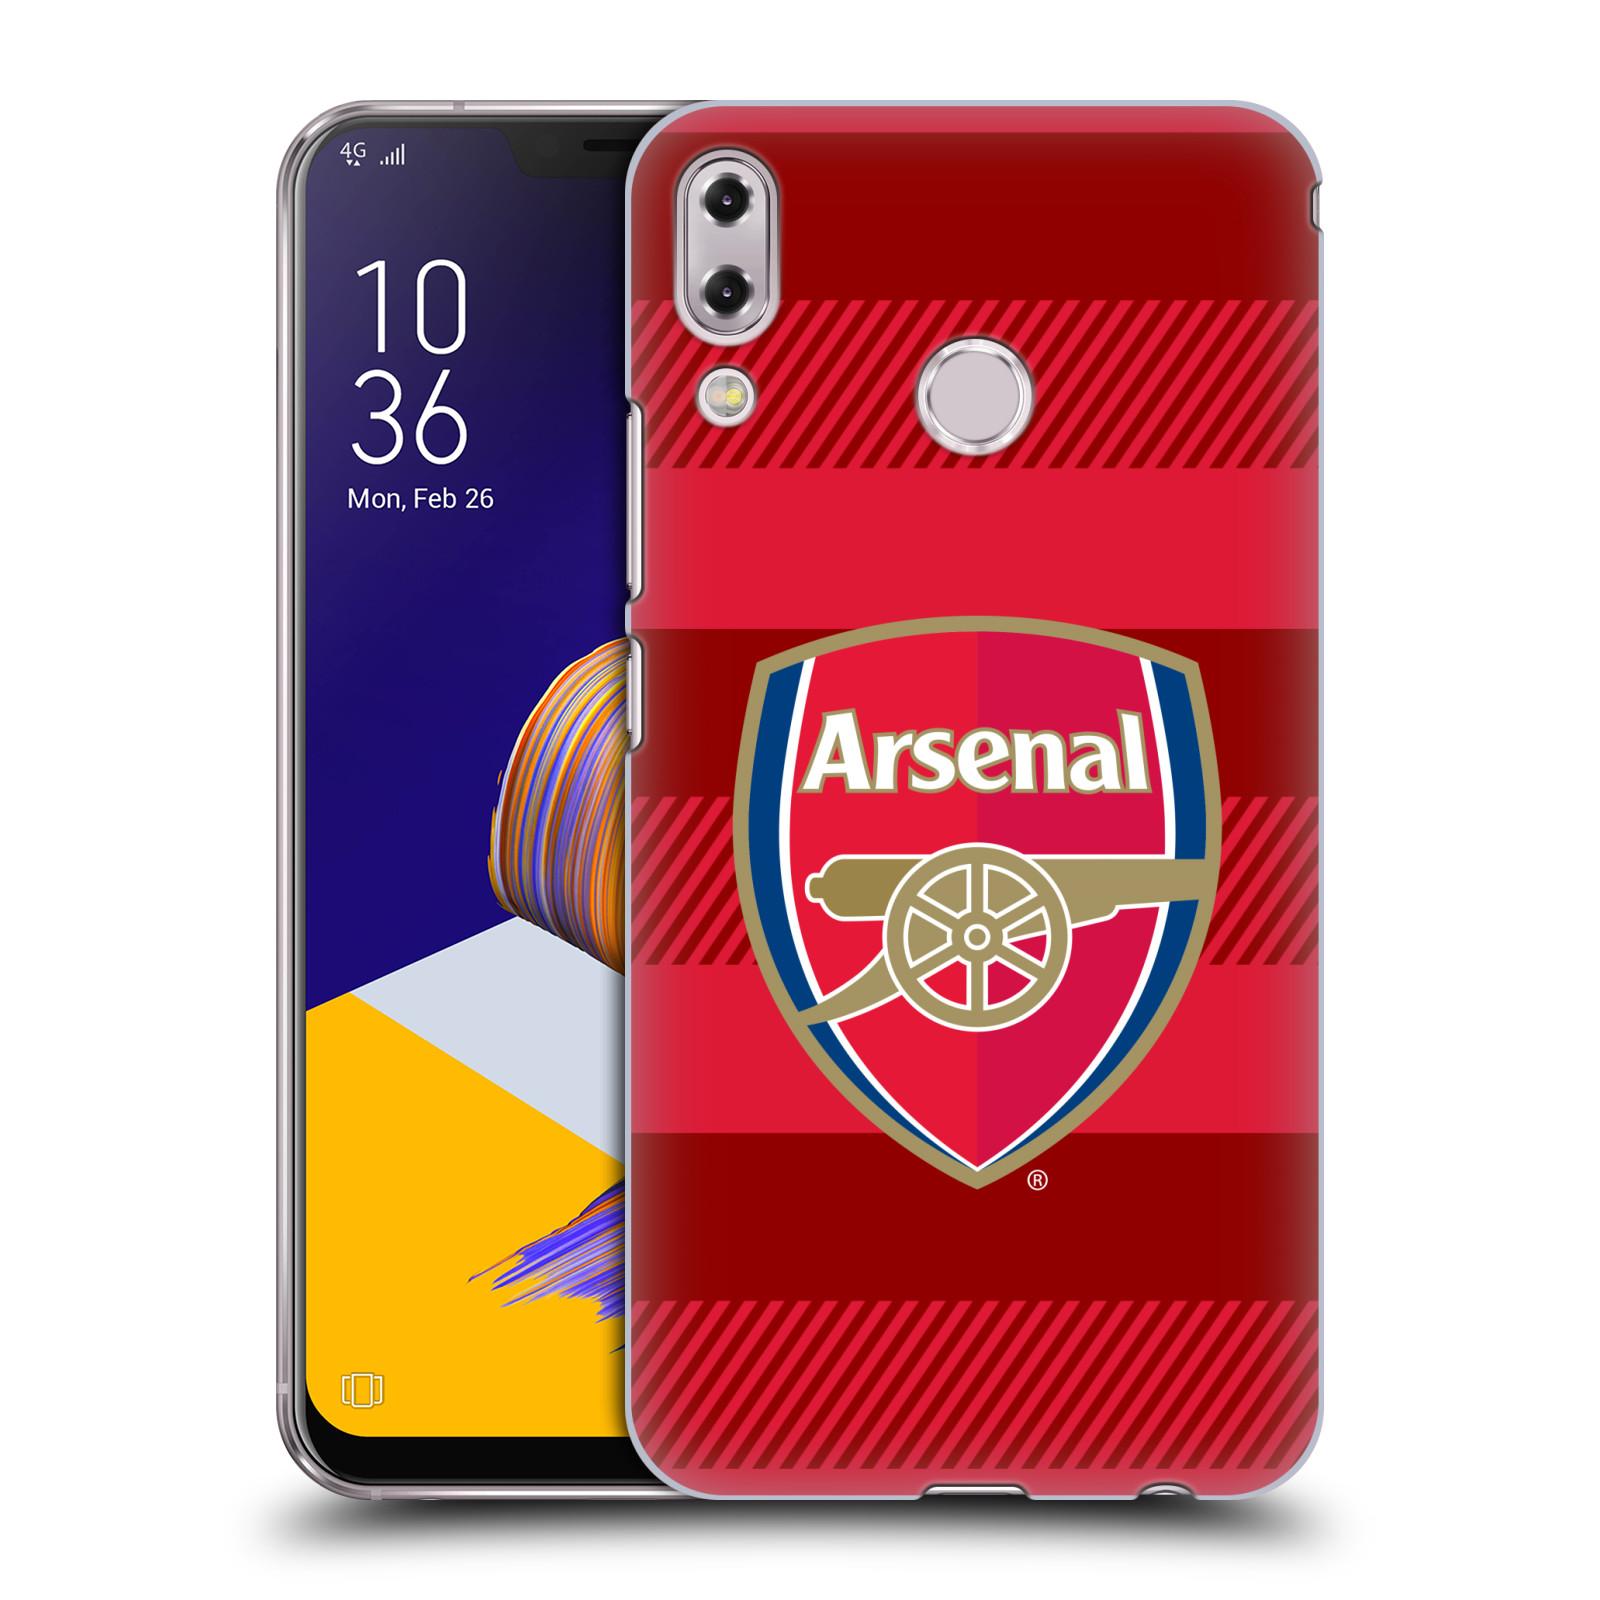 Plastové pouzdro na mobil Asus Zenfone 5z ZS620KL - Head Case - Arsenal FC - Logo s pruhy